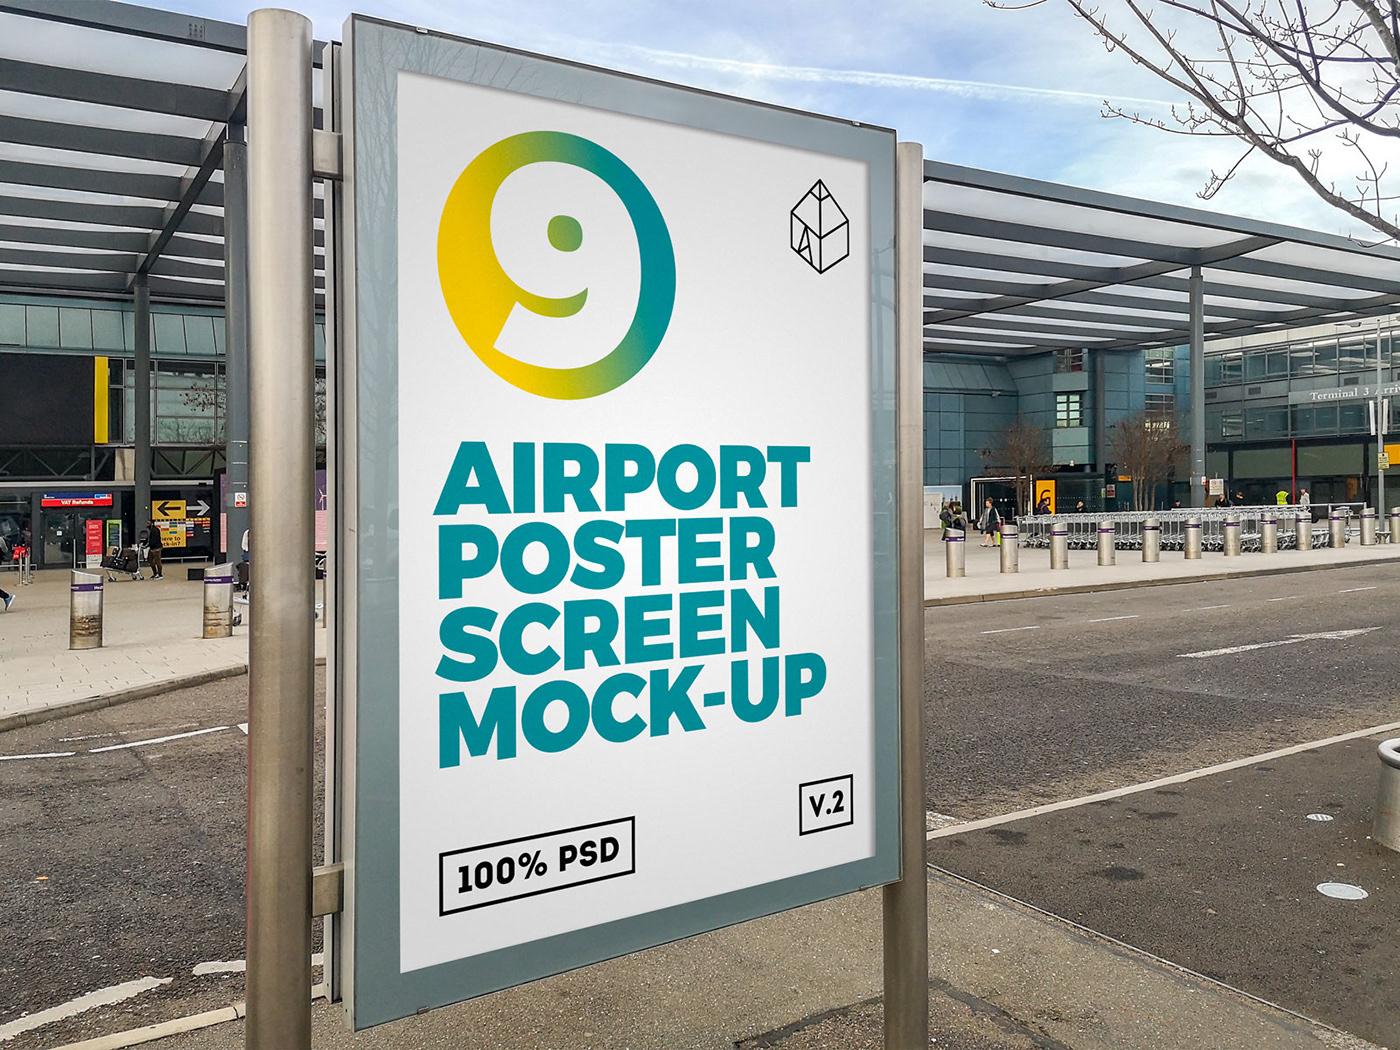 Mockup mock-up poster print design screen airport terinal Display lcd